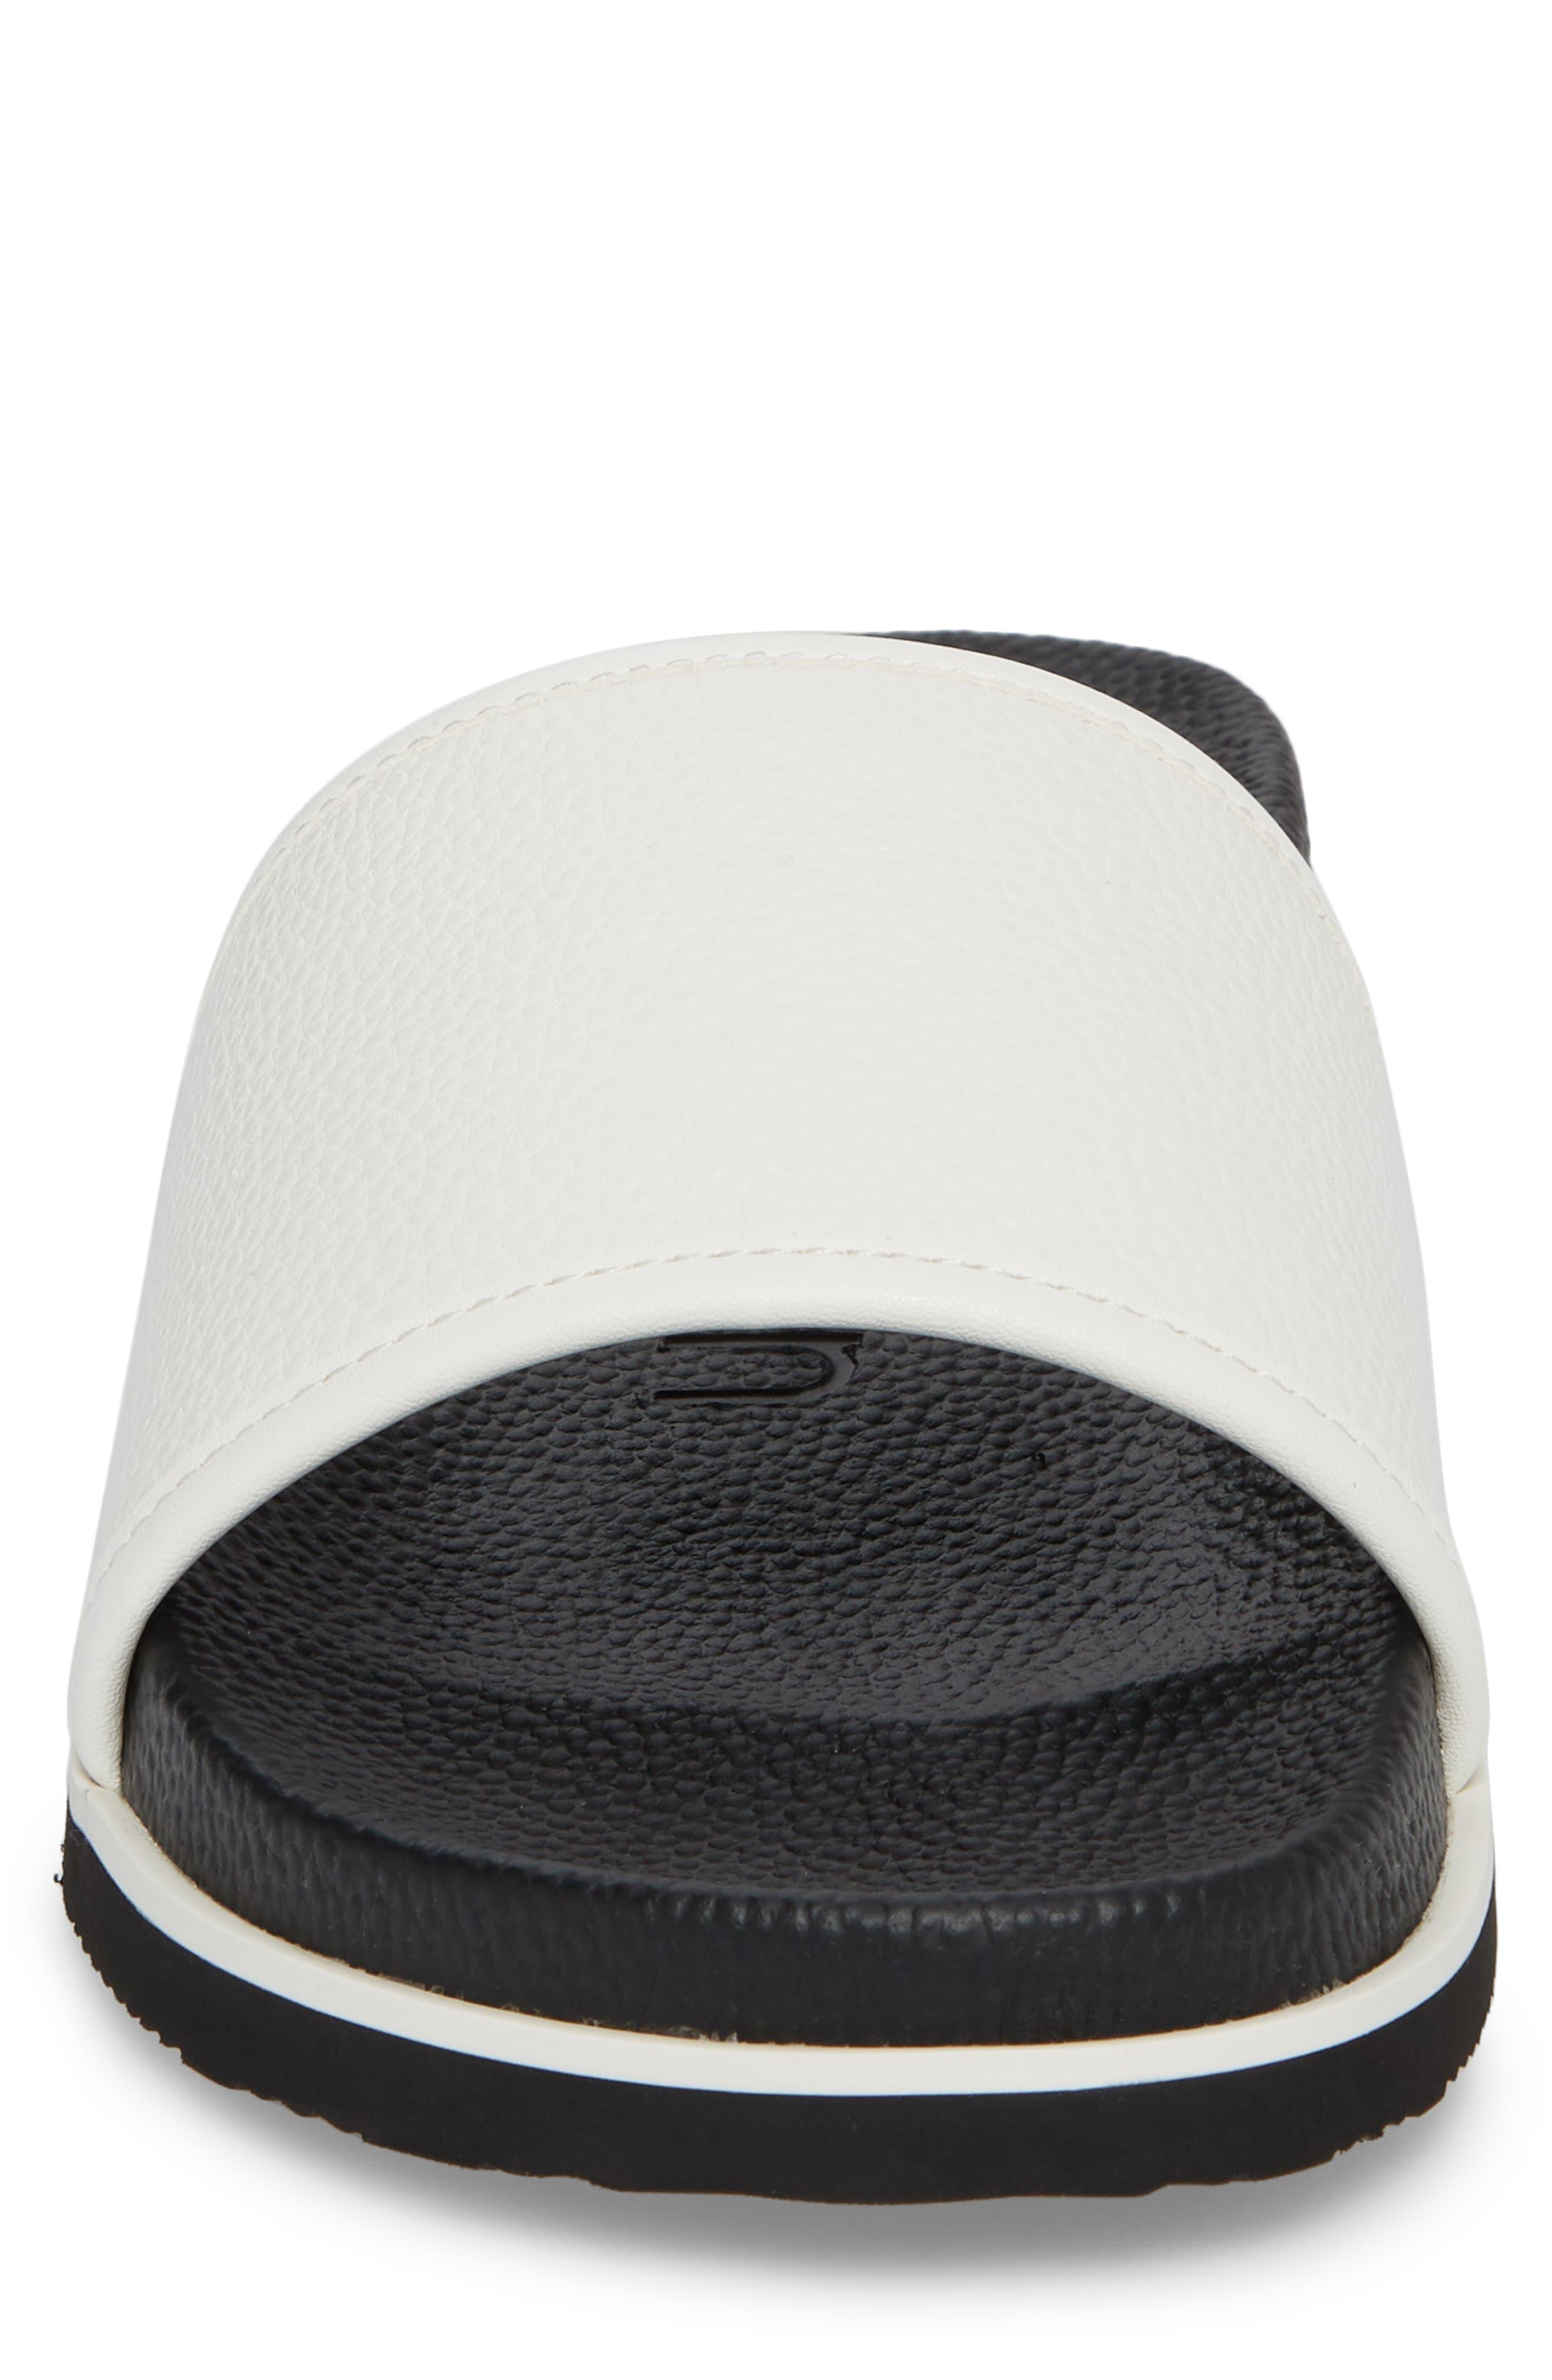 Mackee Sport Slide,                             Alternate thumbnail 4, color,                             White Leather